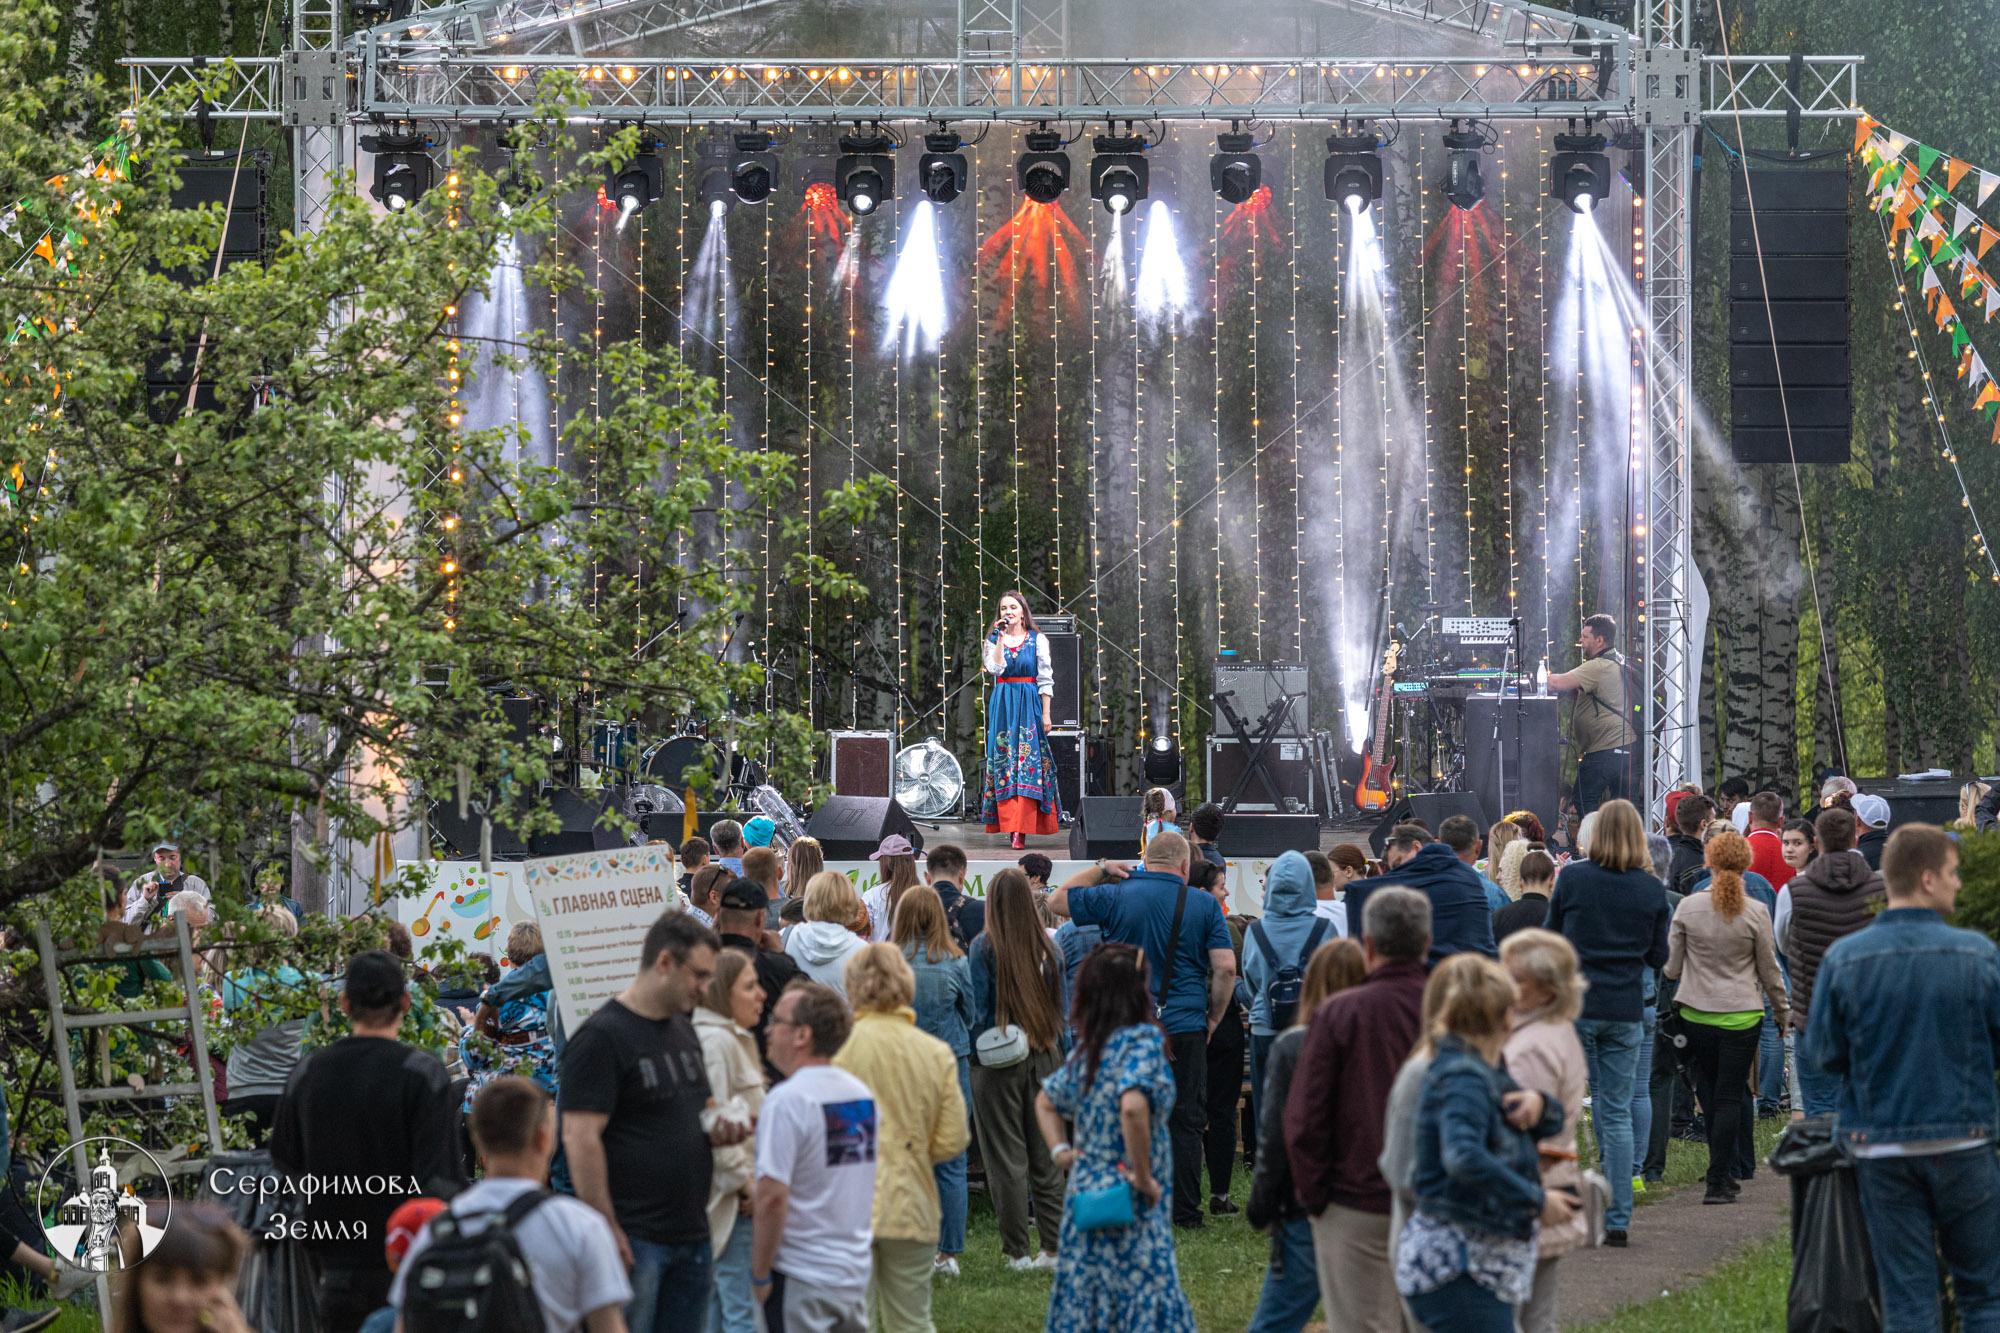 Фестиваль «Арзамасский гусь»: самые яркие моменты праздника